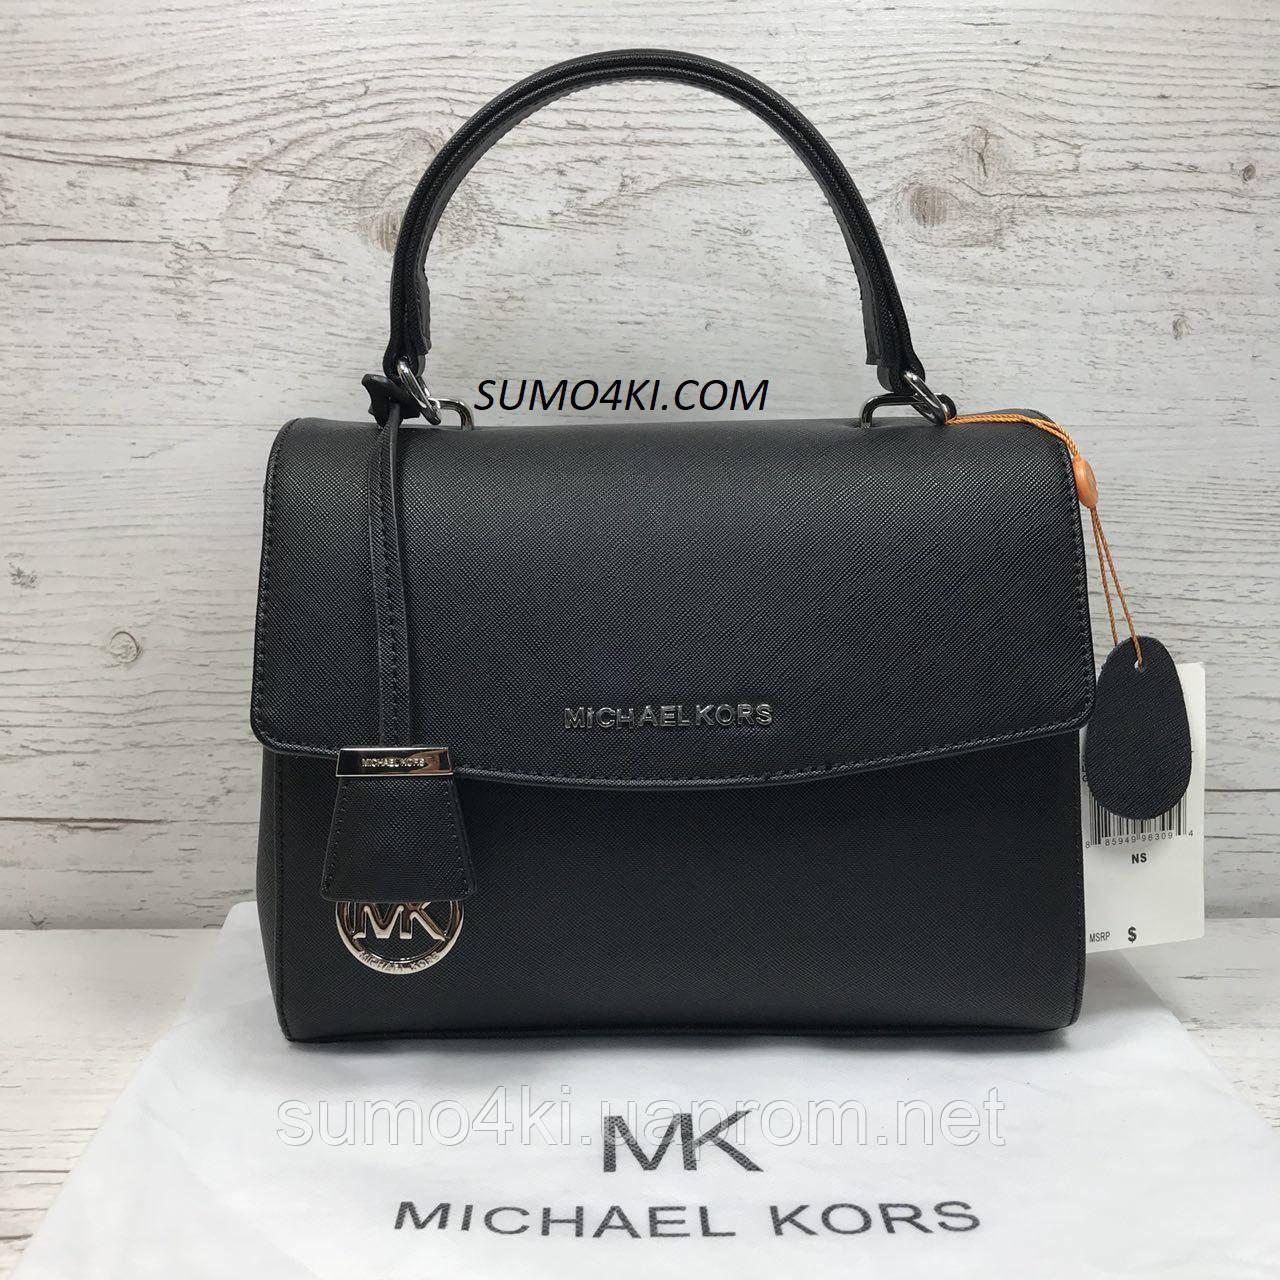 ecd2fd581b7c Женская кожаная сумка Michael Kors AVA - Интернет-магазин «Галерея Сумок» в  Одессе